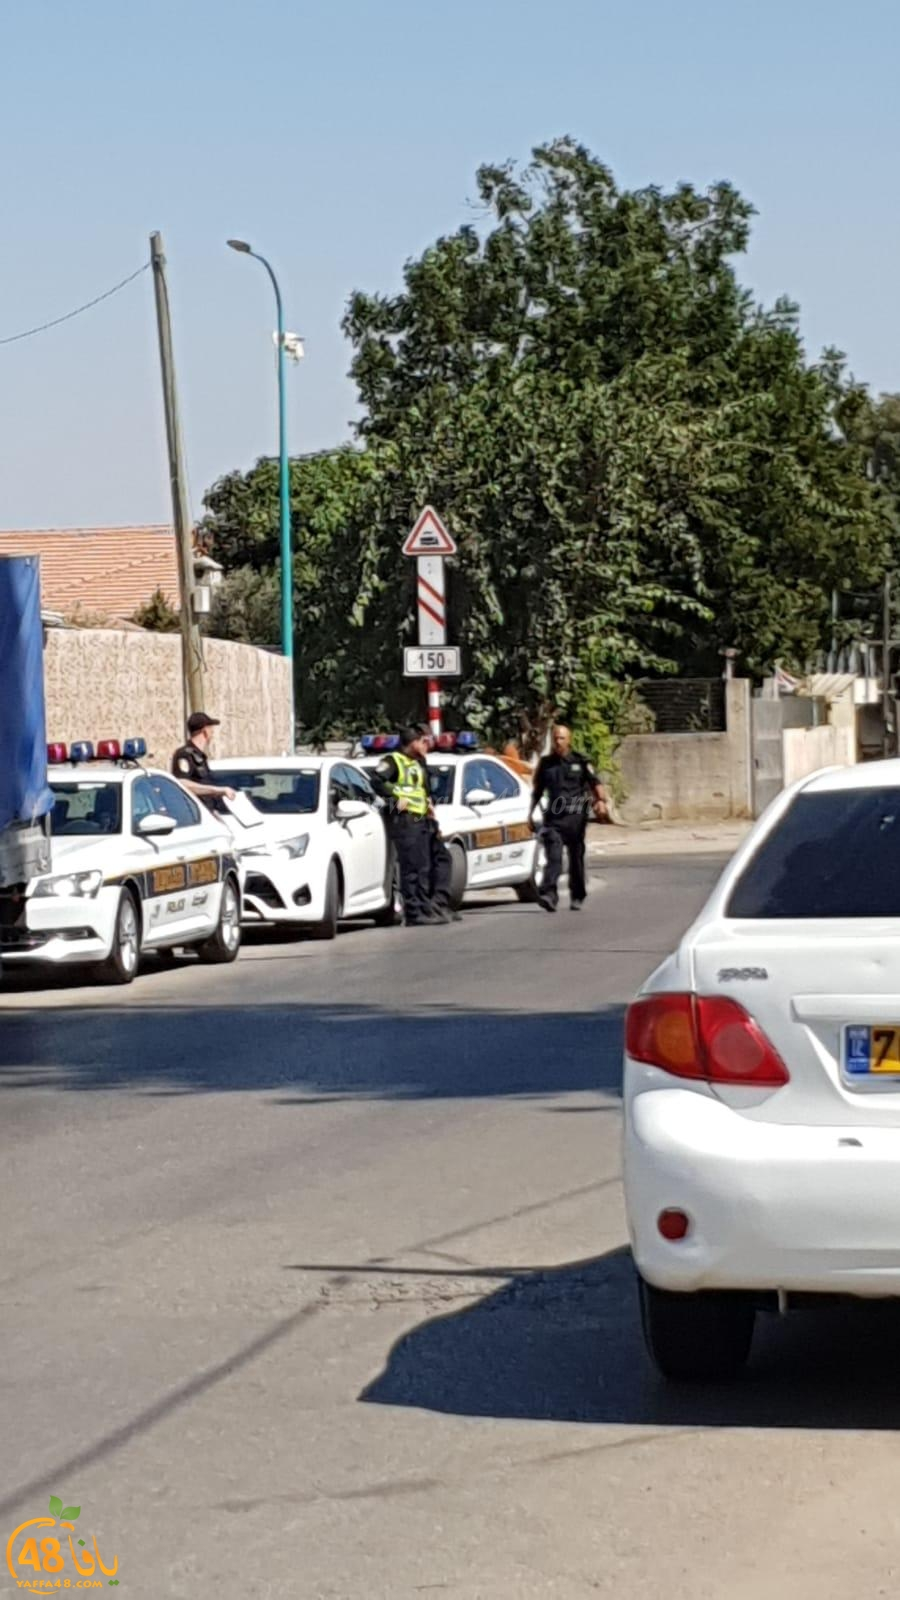 اللد: حملة لشرطة السير في شوارع المدينة ودعوات للالتزام بقوانين السير